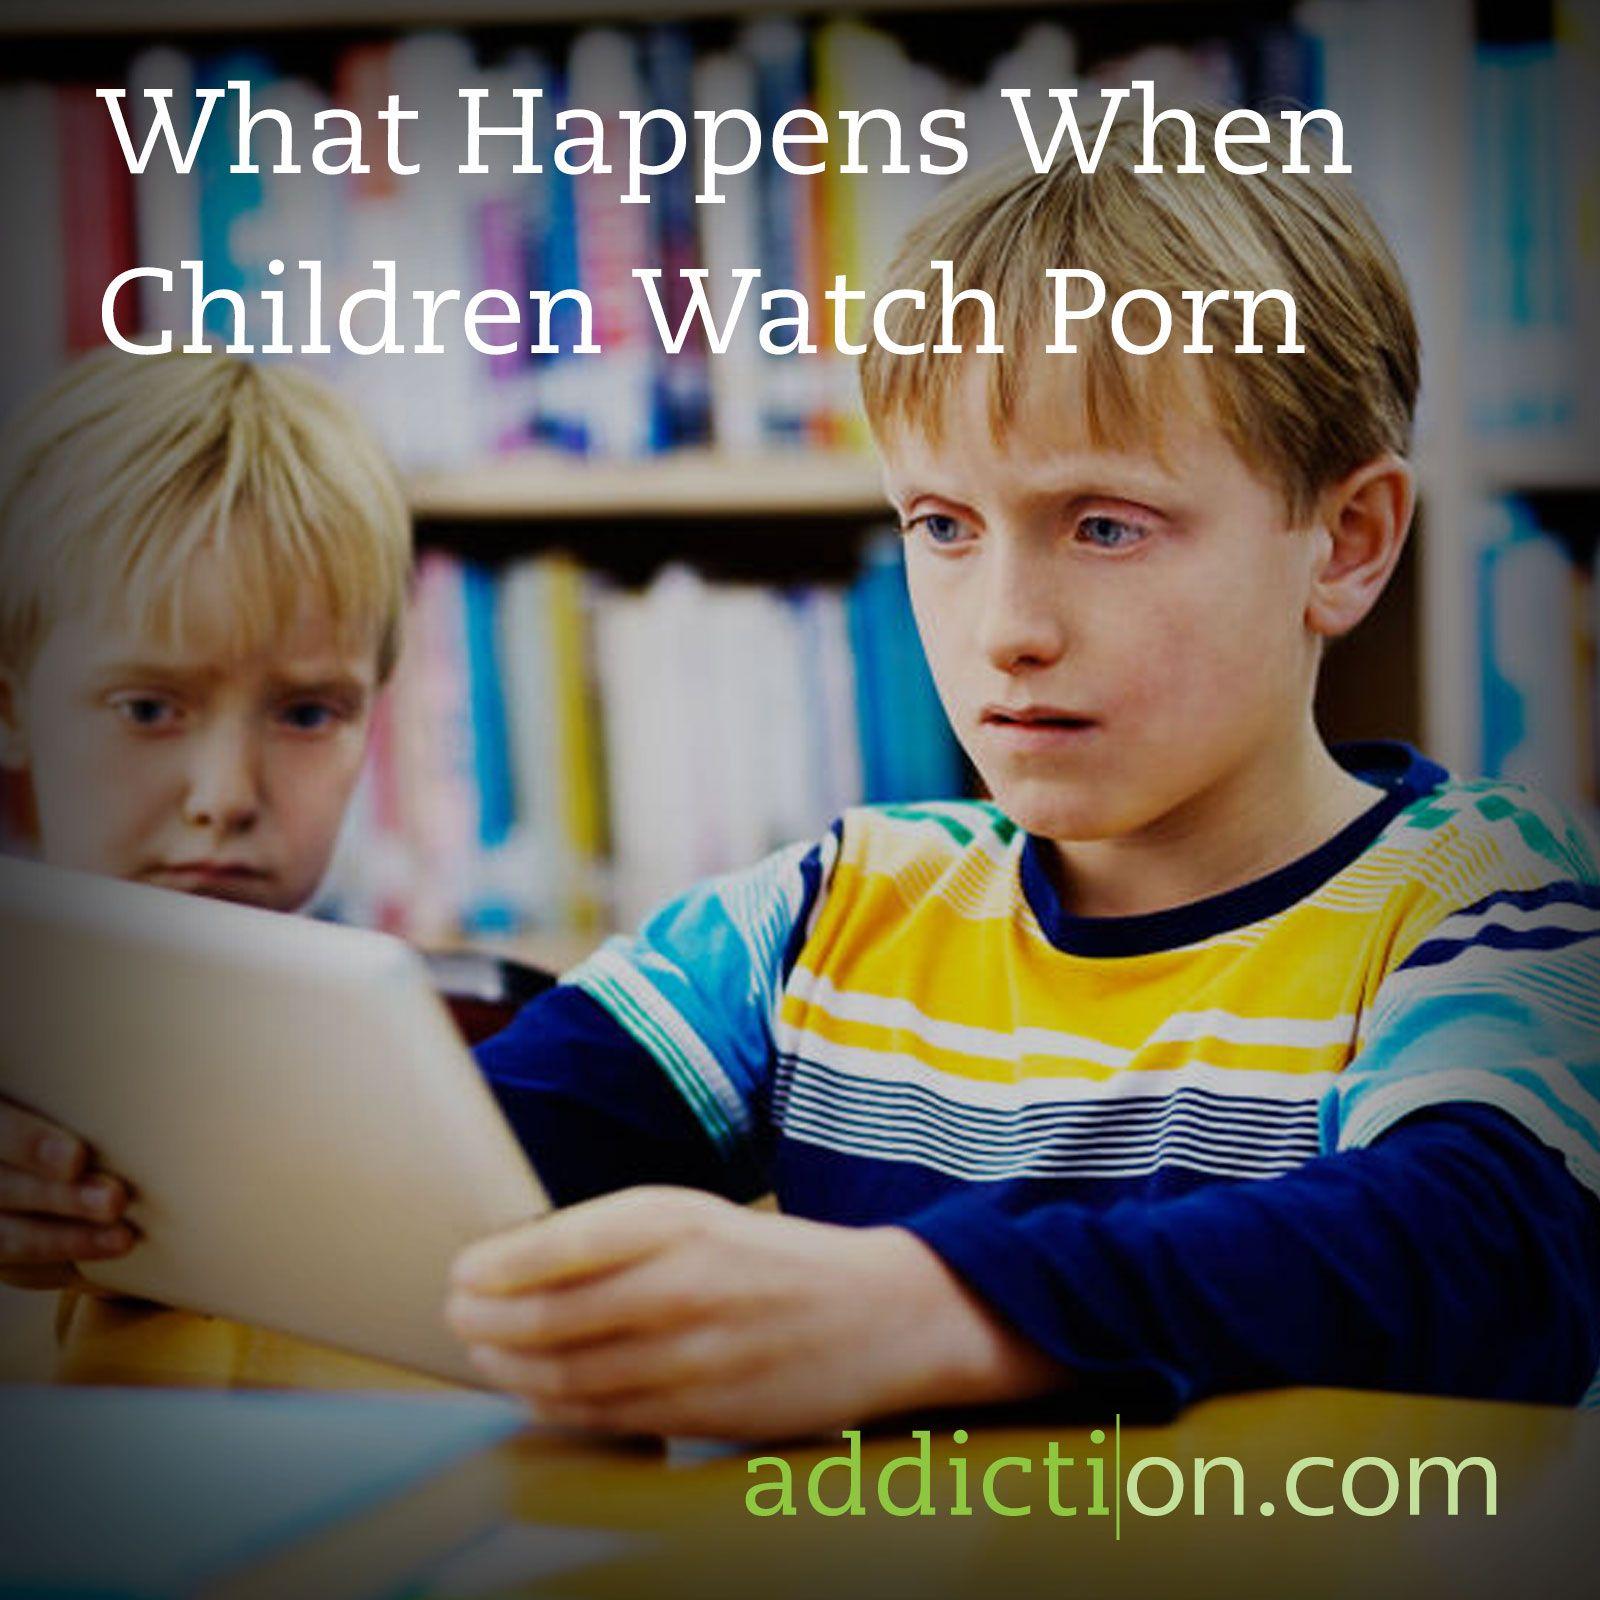 Смотреть онлайн порно молодой мальчик